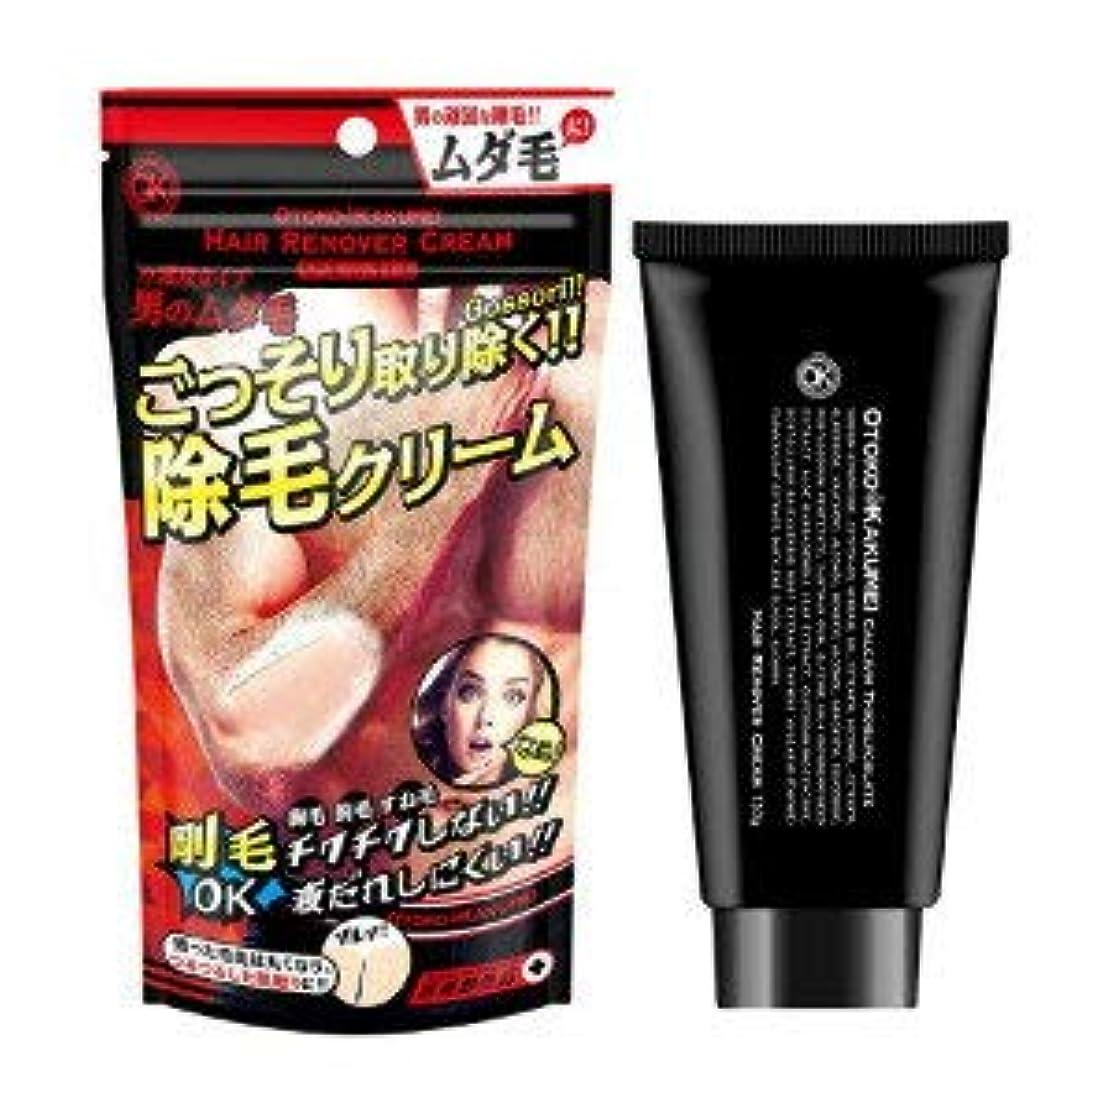 リビジョンショート差別化するGR OTOKO KAKUMEI ヘアリムーバークリーム 130g×5個セット (医薬部外品)